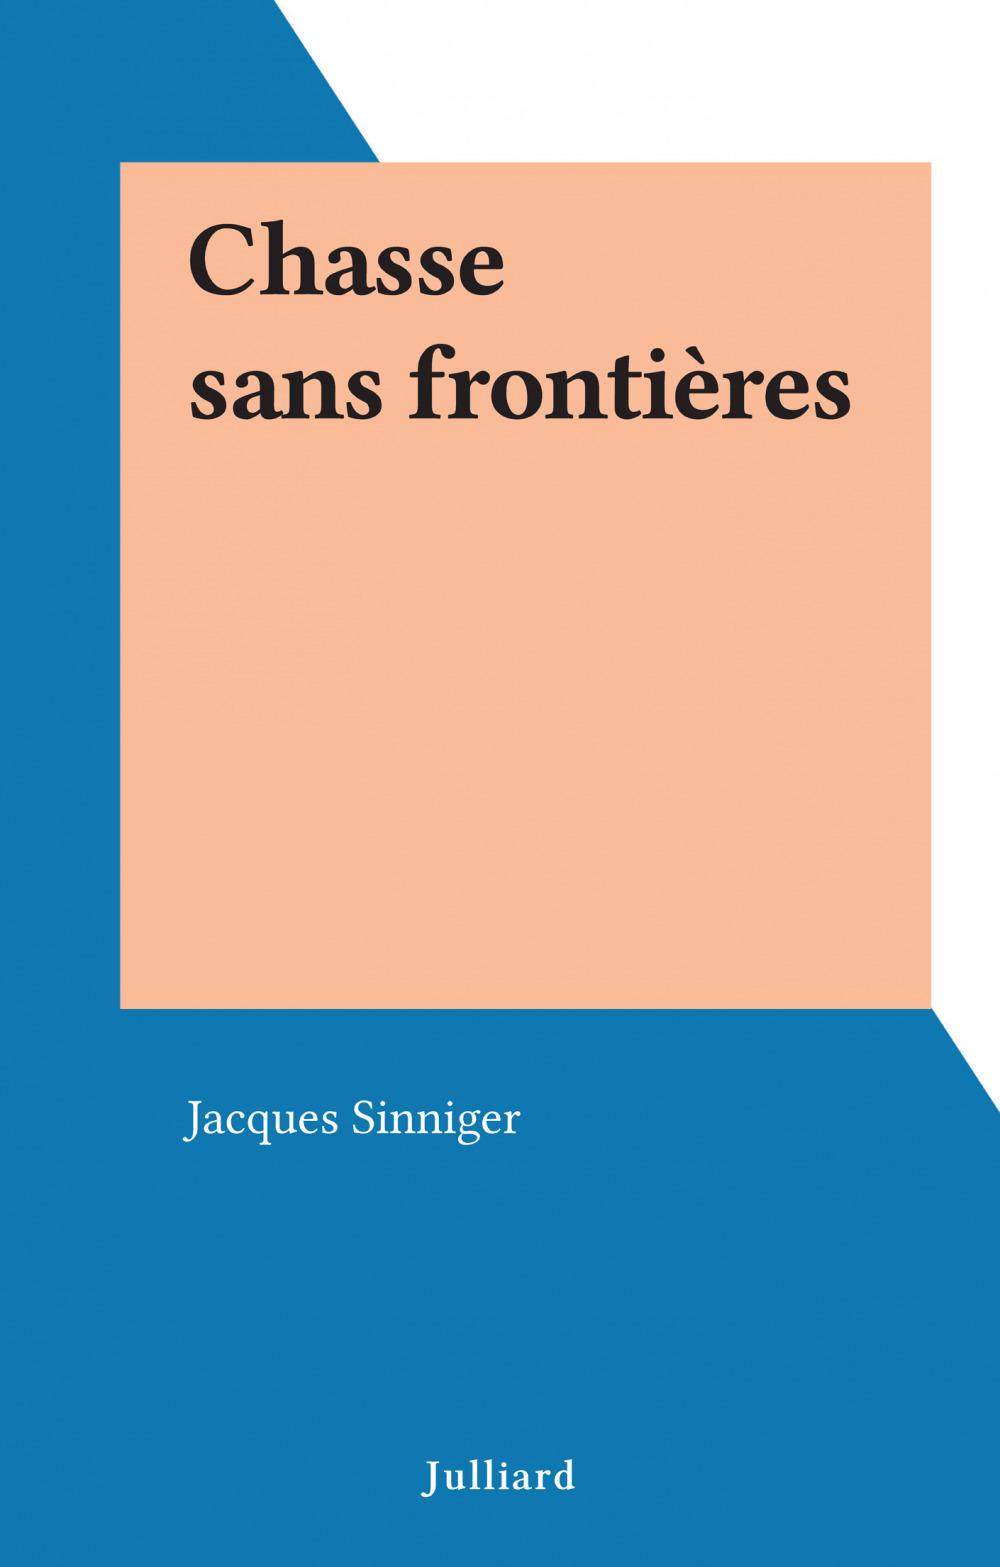 Chasse sans frontières  - Jacques Sinniger